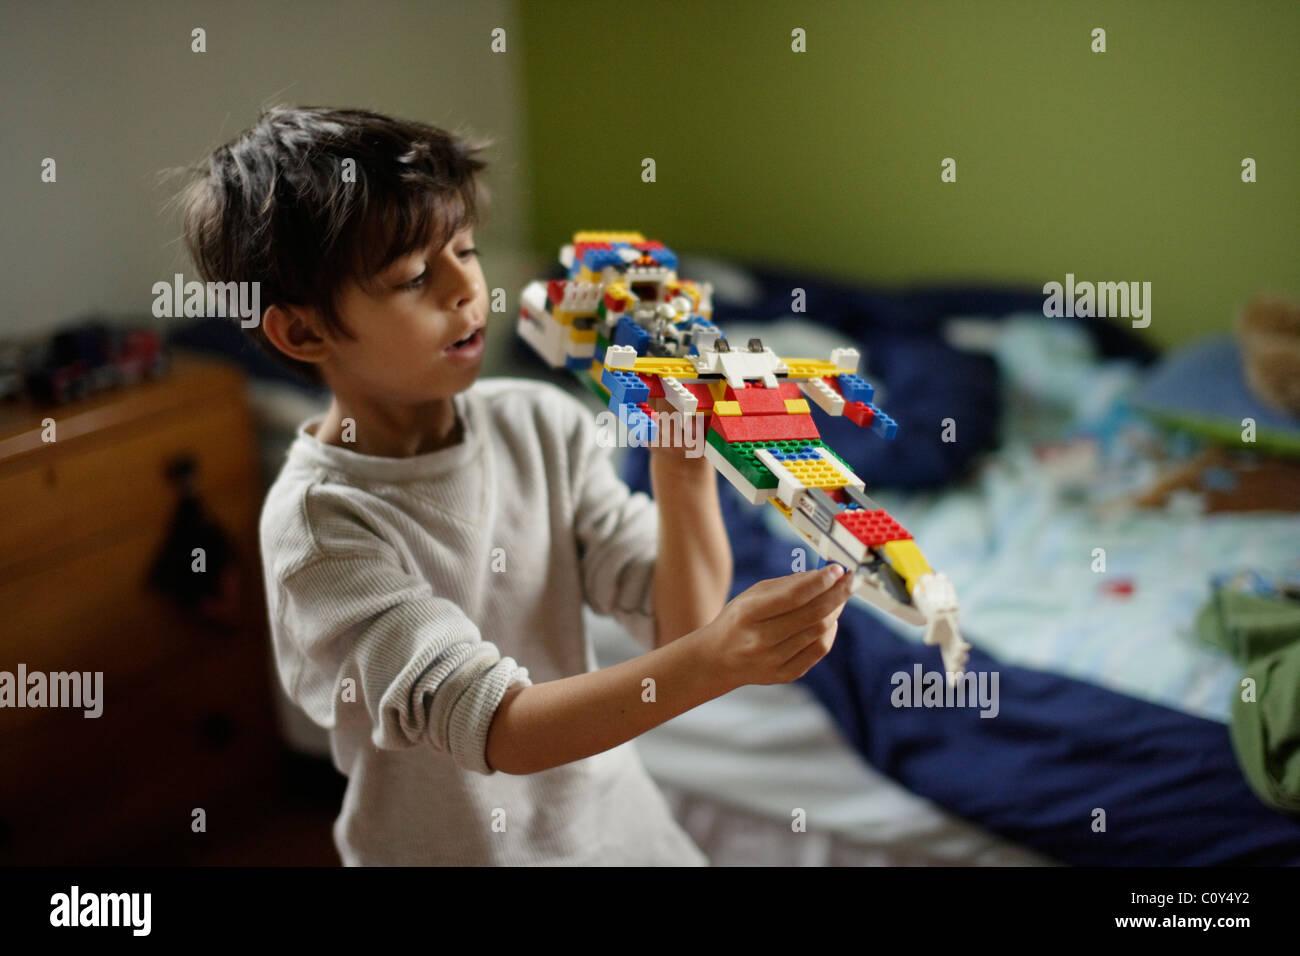 Ragazzo con blocco di plastica nave spaziale del suo proprio design Immagini Stock